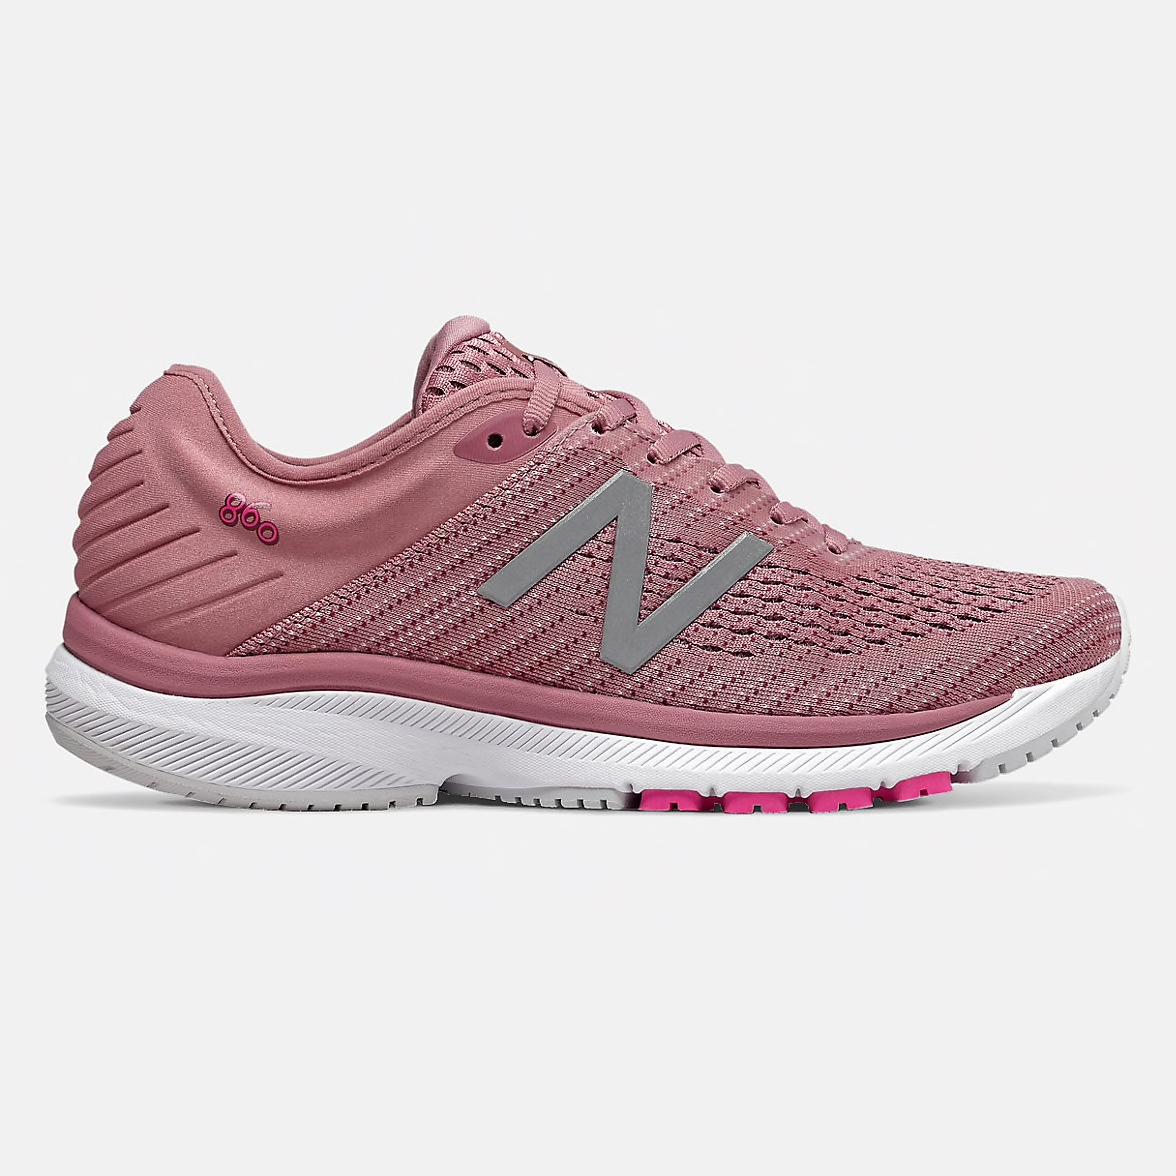 New Balance 860v10 - Women's